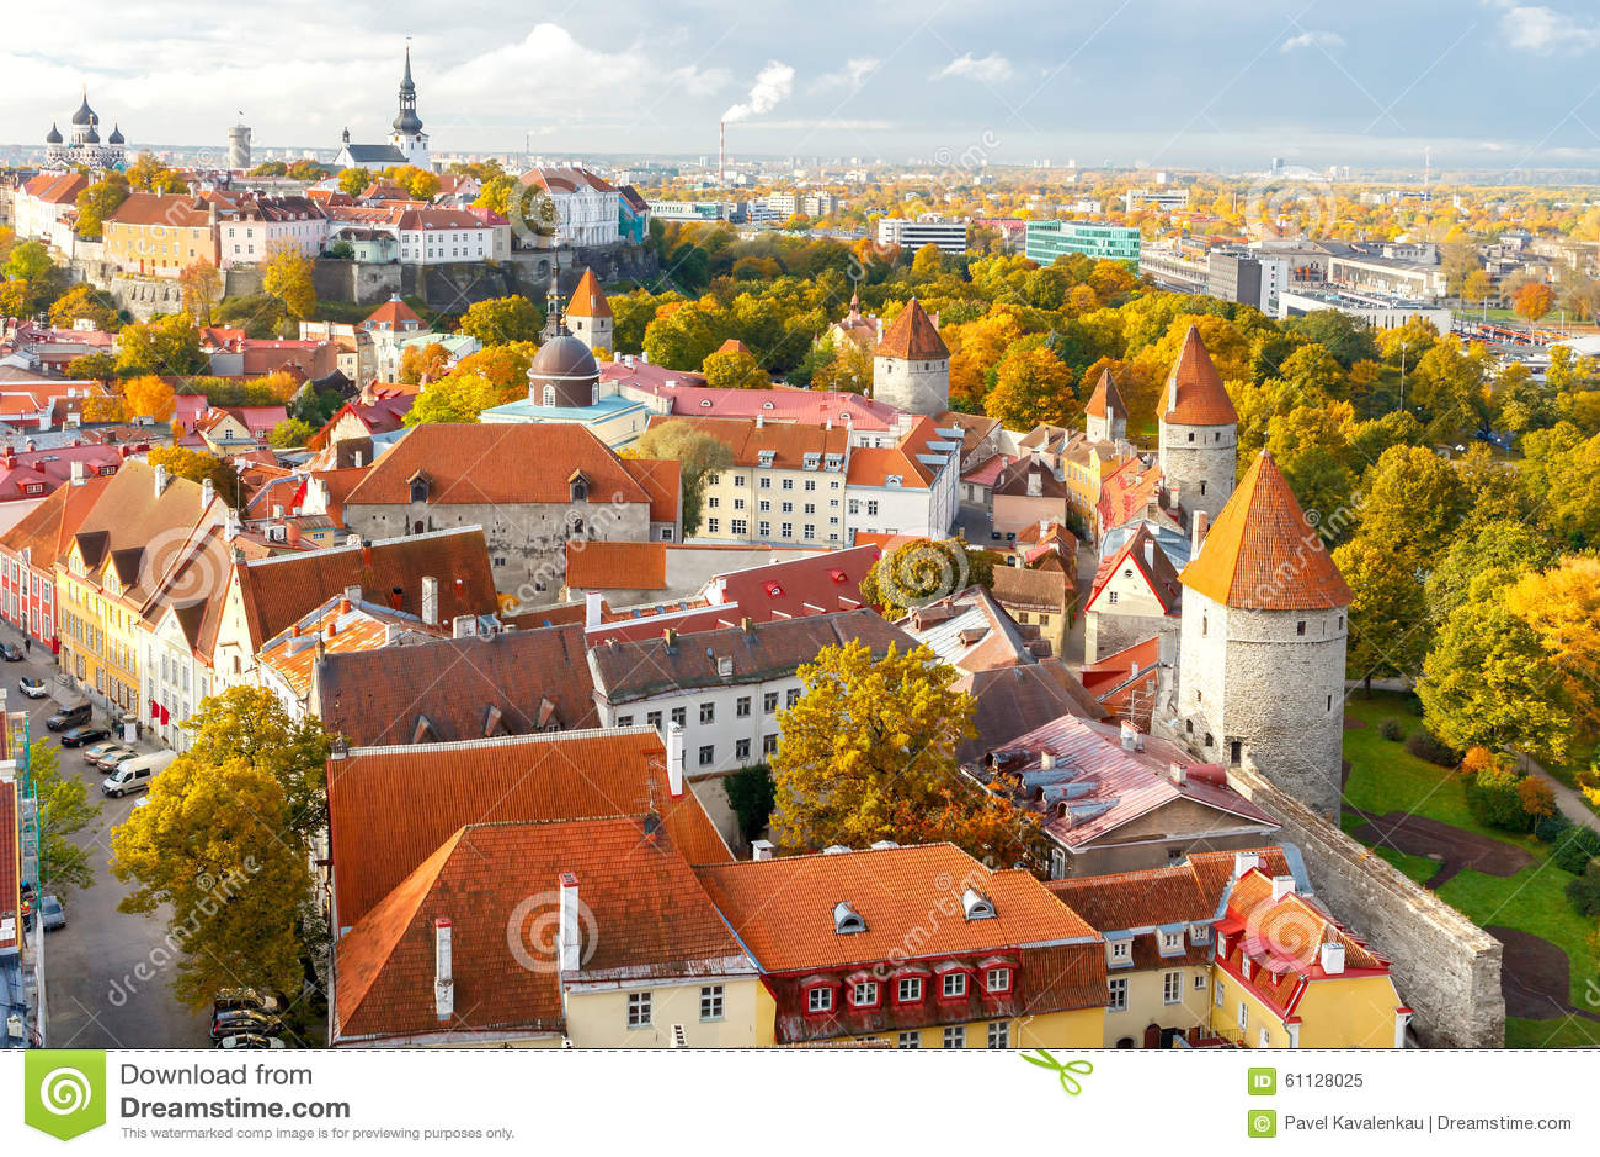 Tallinn эстония город старый